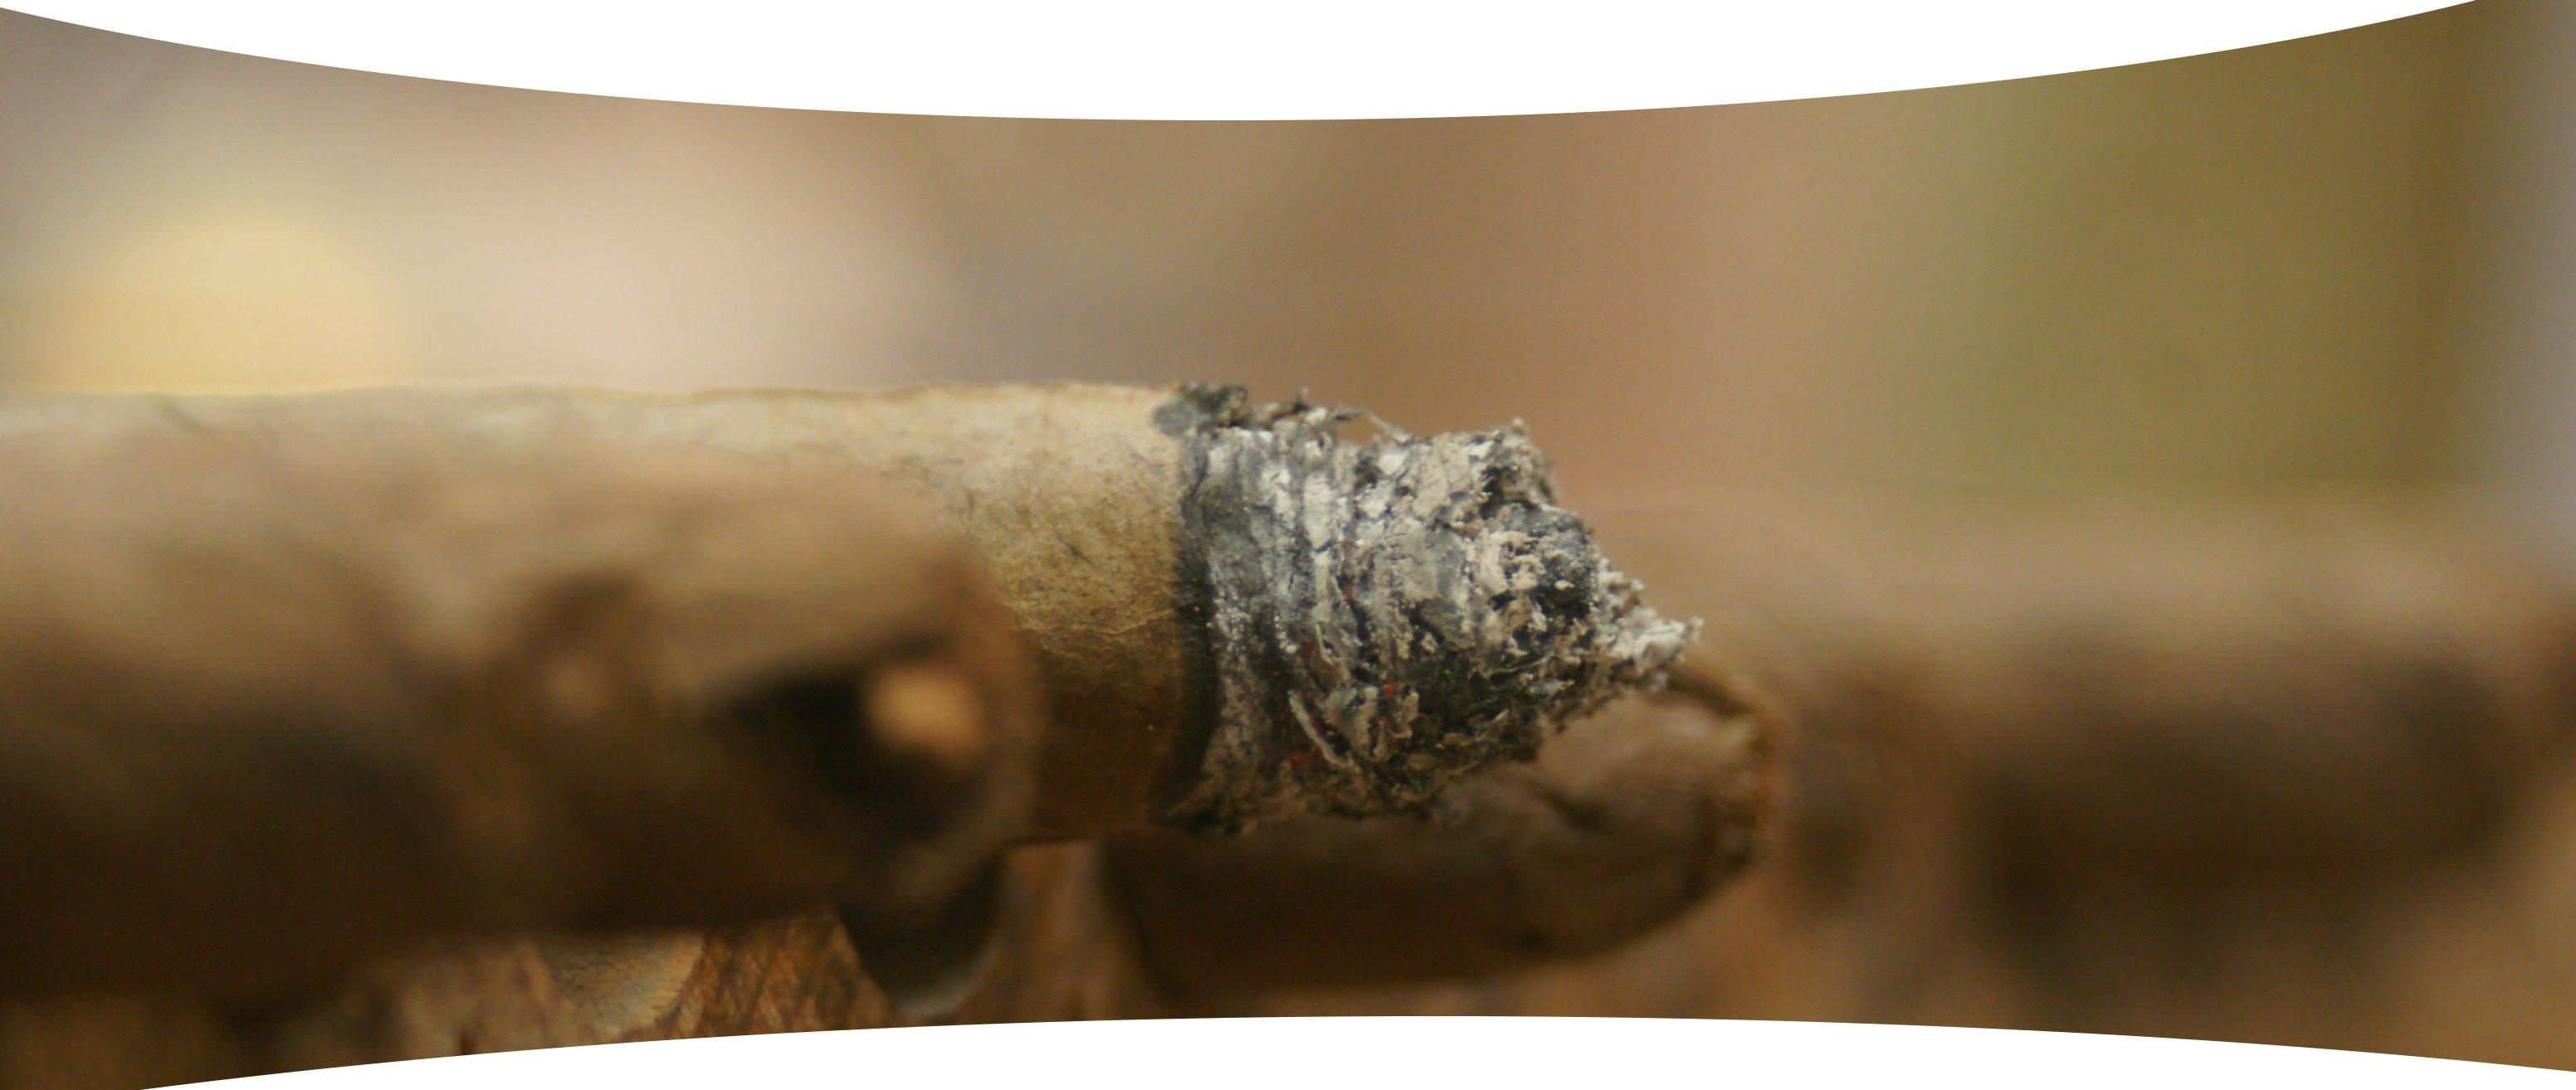 Nichts für Asketen, nur etwas für Genießer: Aus Mittelhessen kommt eine neue Zigarren-Kreation: Der Gießener Schlammbeiser